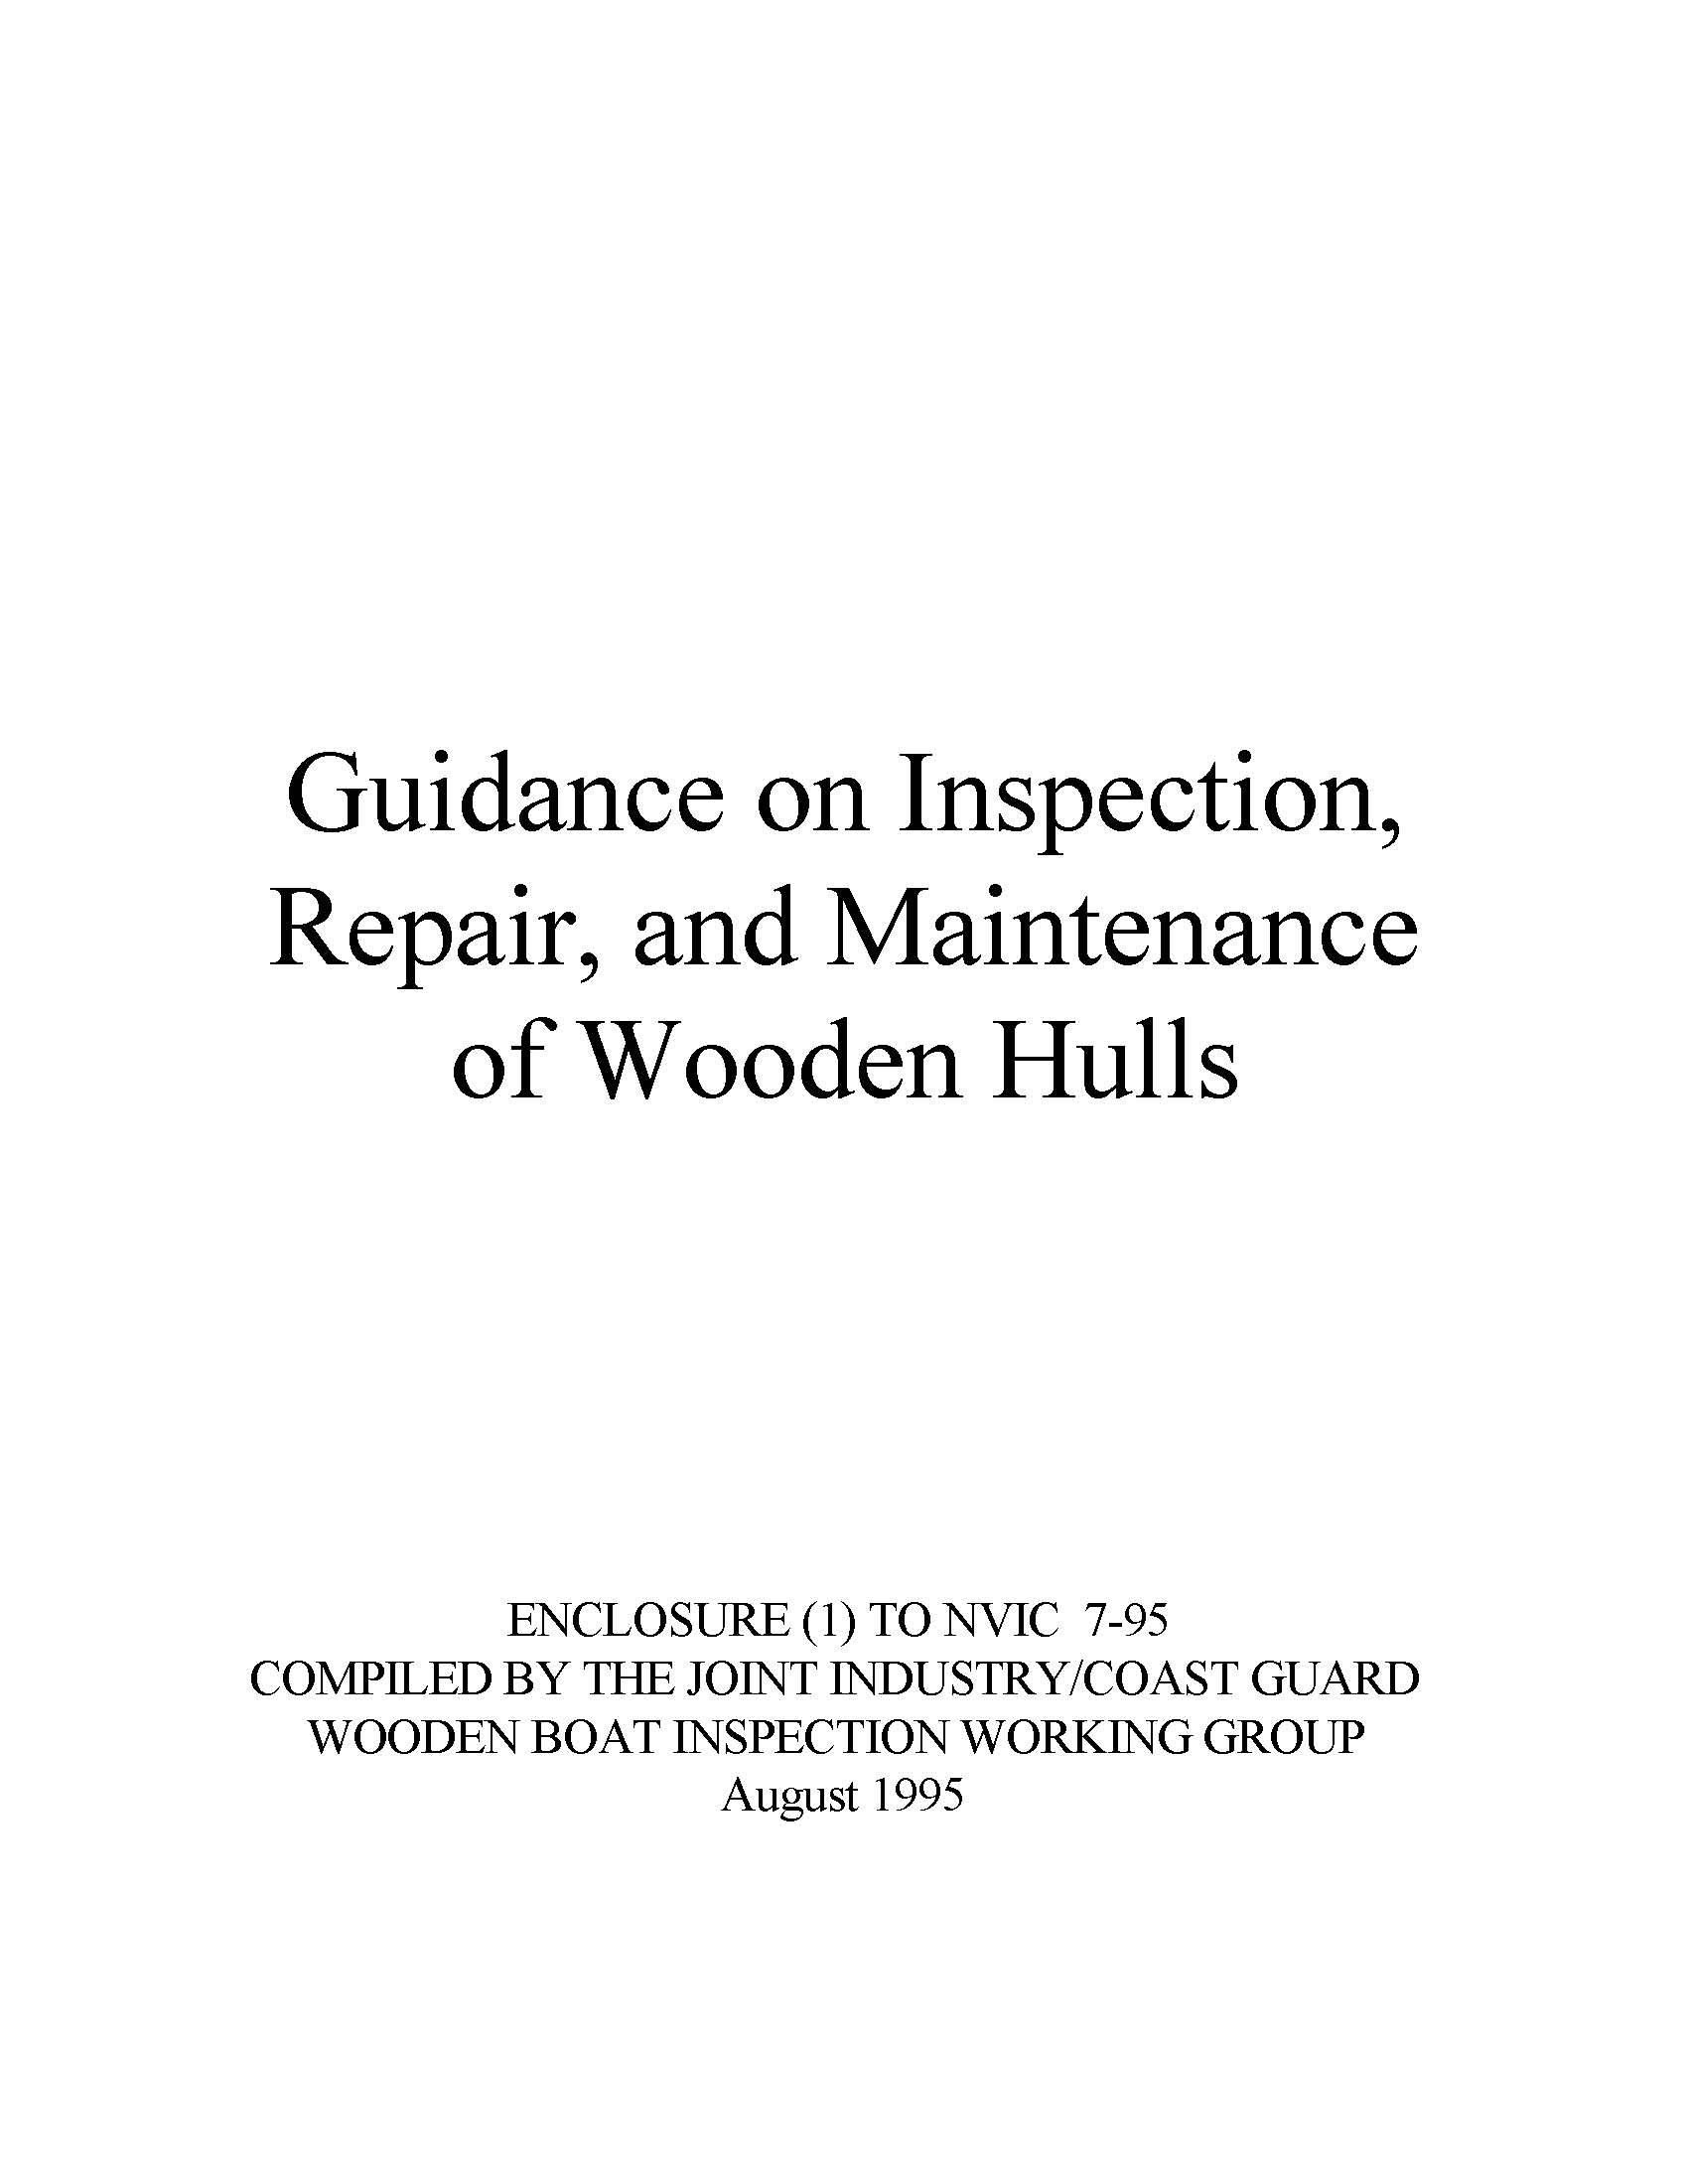 NVIC 7-95 Wood Hulls Pg1-3_Page_1